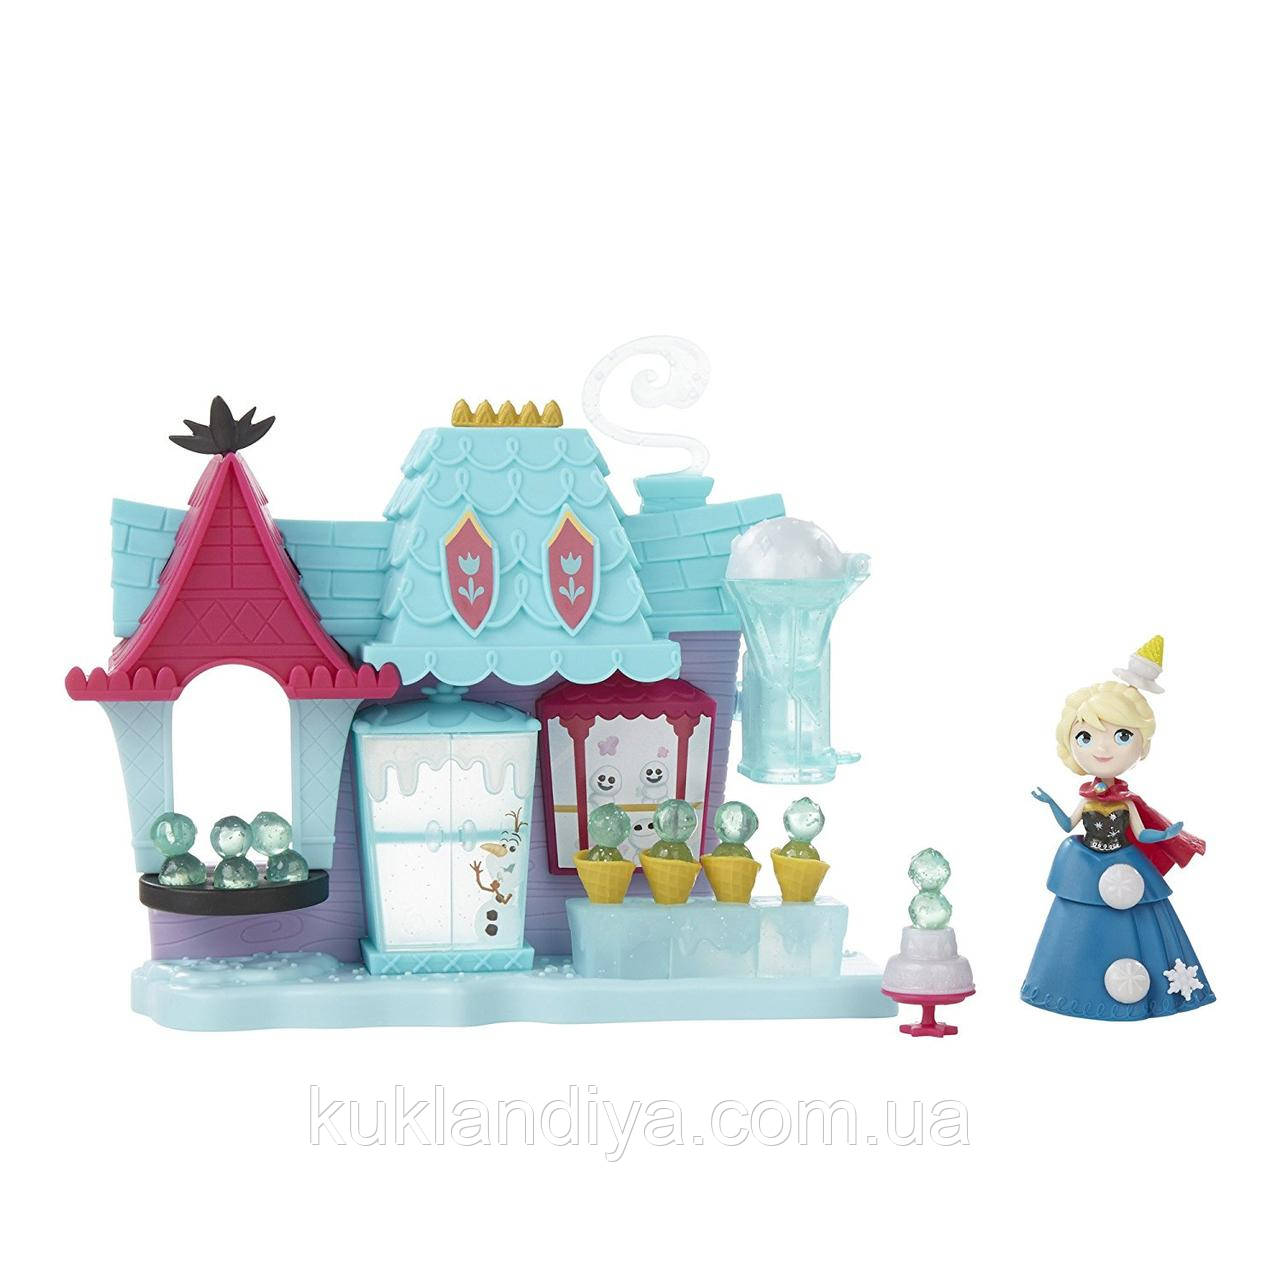 Ігровий набір Дісней Фрозен Маленьке королівство Ельза і Магазин солодощів Эренделла